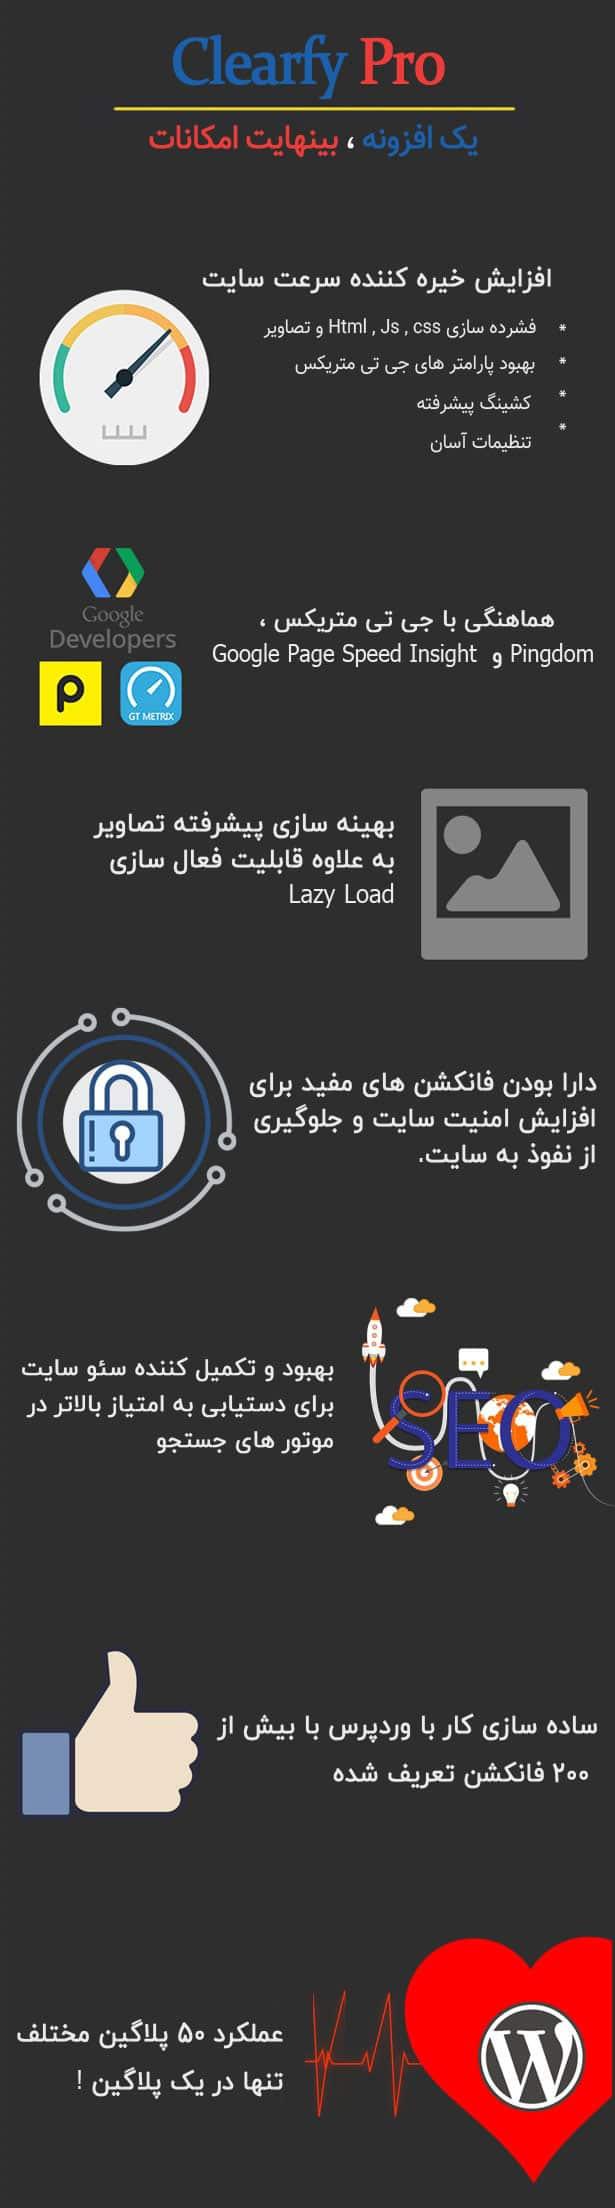 افزونه بهینه ساز وردپرس Clearfy pro